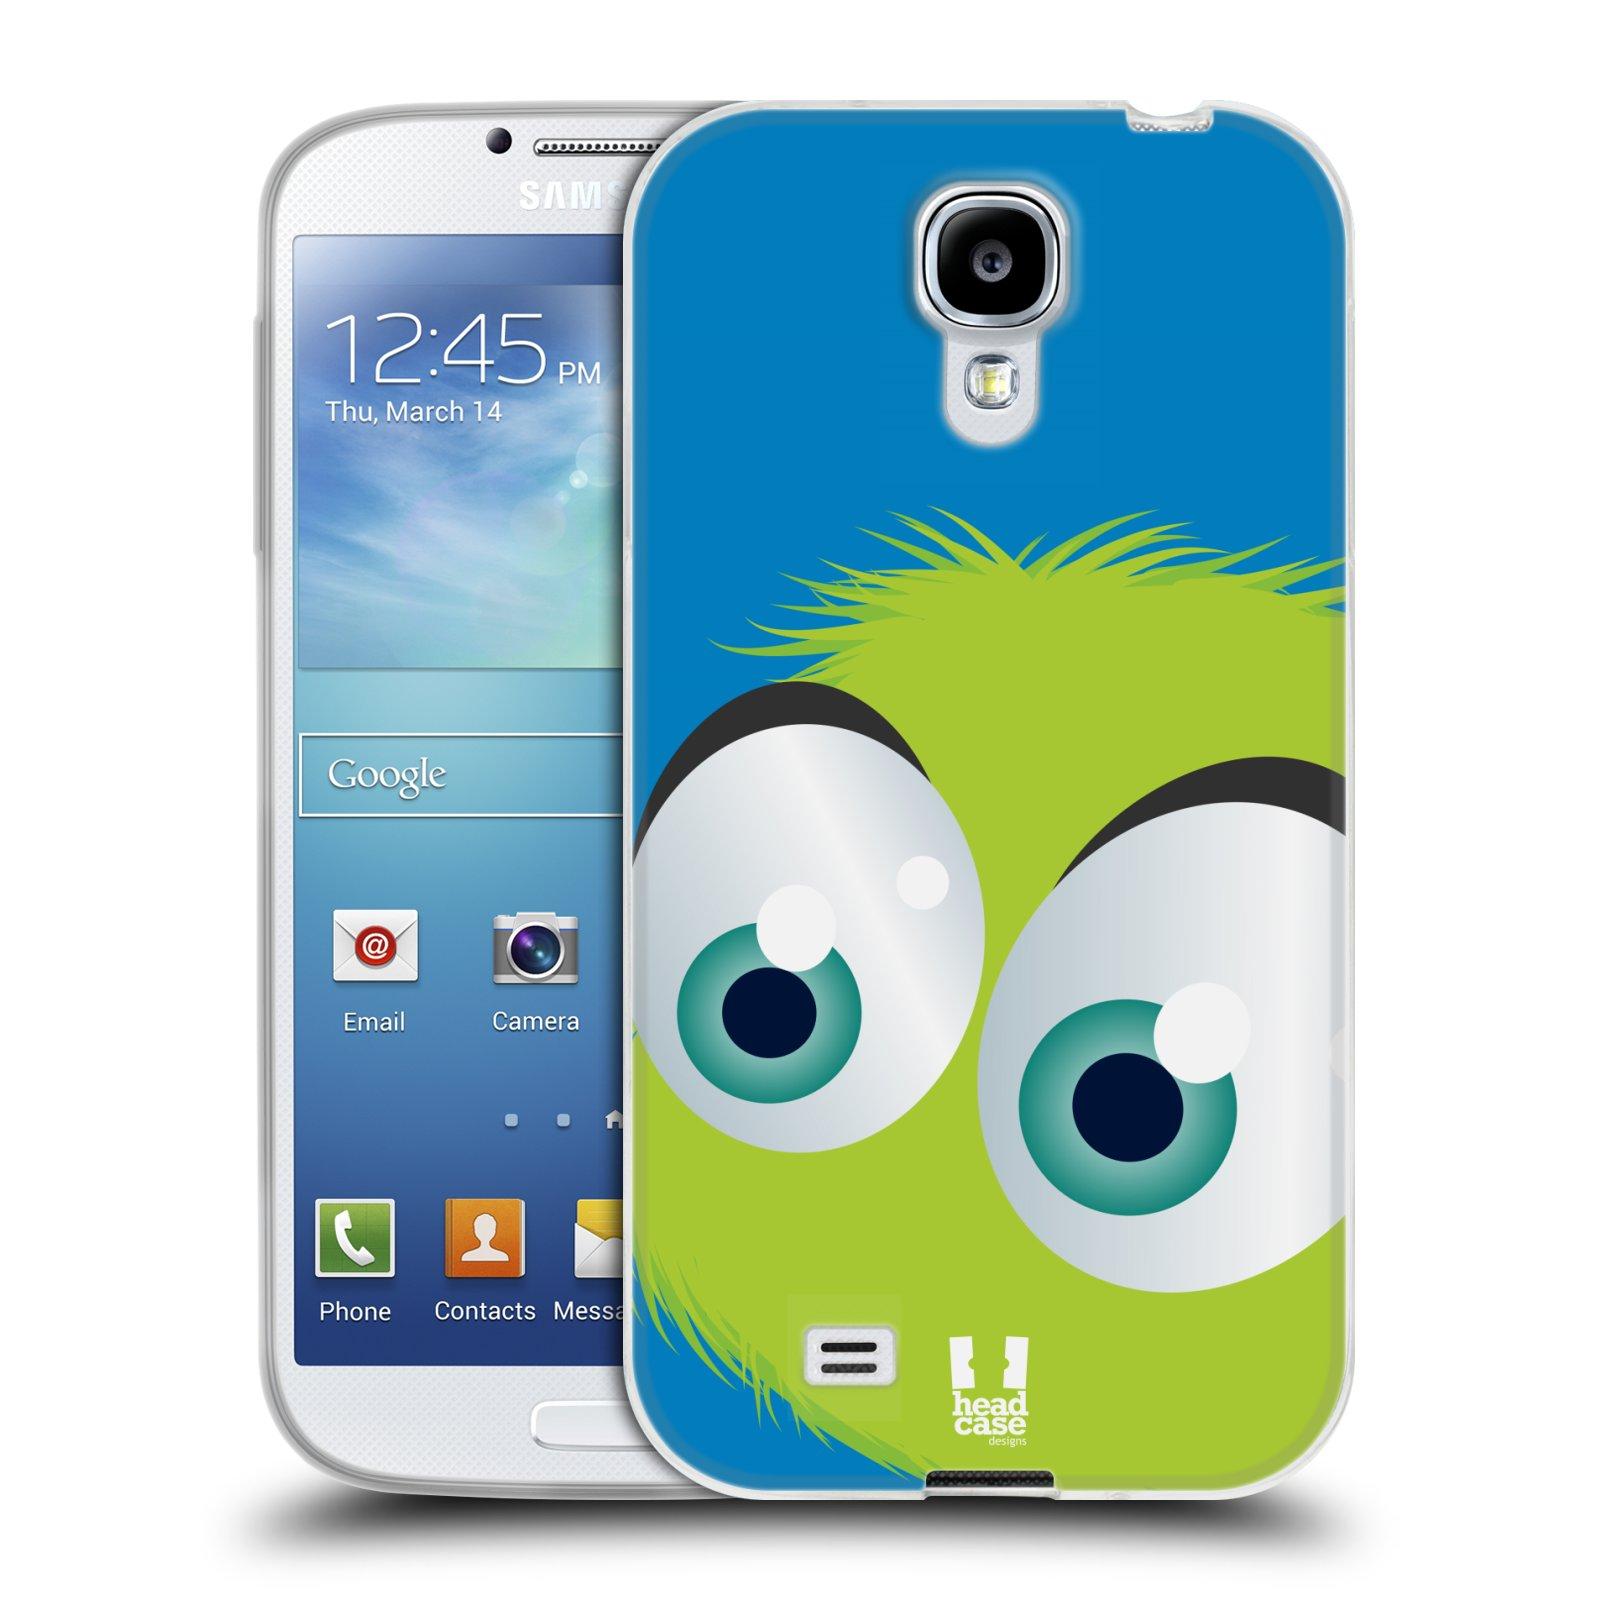 Silikonové pouzdro na mobil Samsung Galaxy S4 HEAD CASE FUZÍK ZELENÝ (Silikonový kryt či obal na mobilní telefon Samsung Galaxy S4 GT-i9505 / i9500)